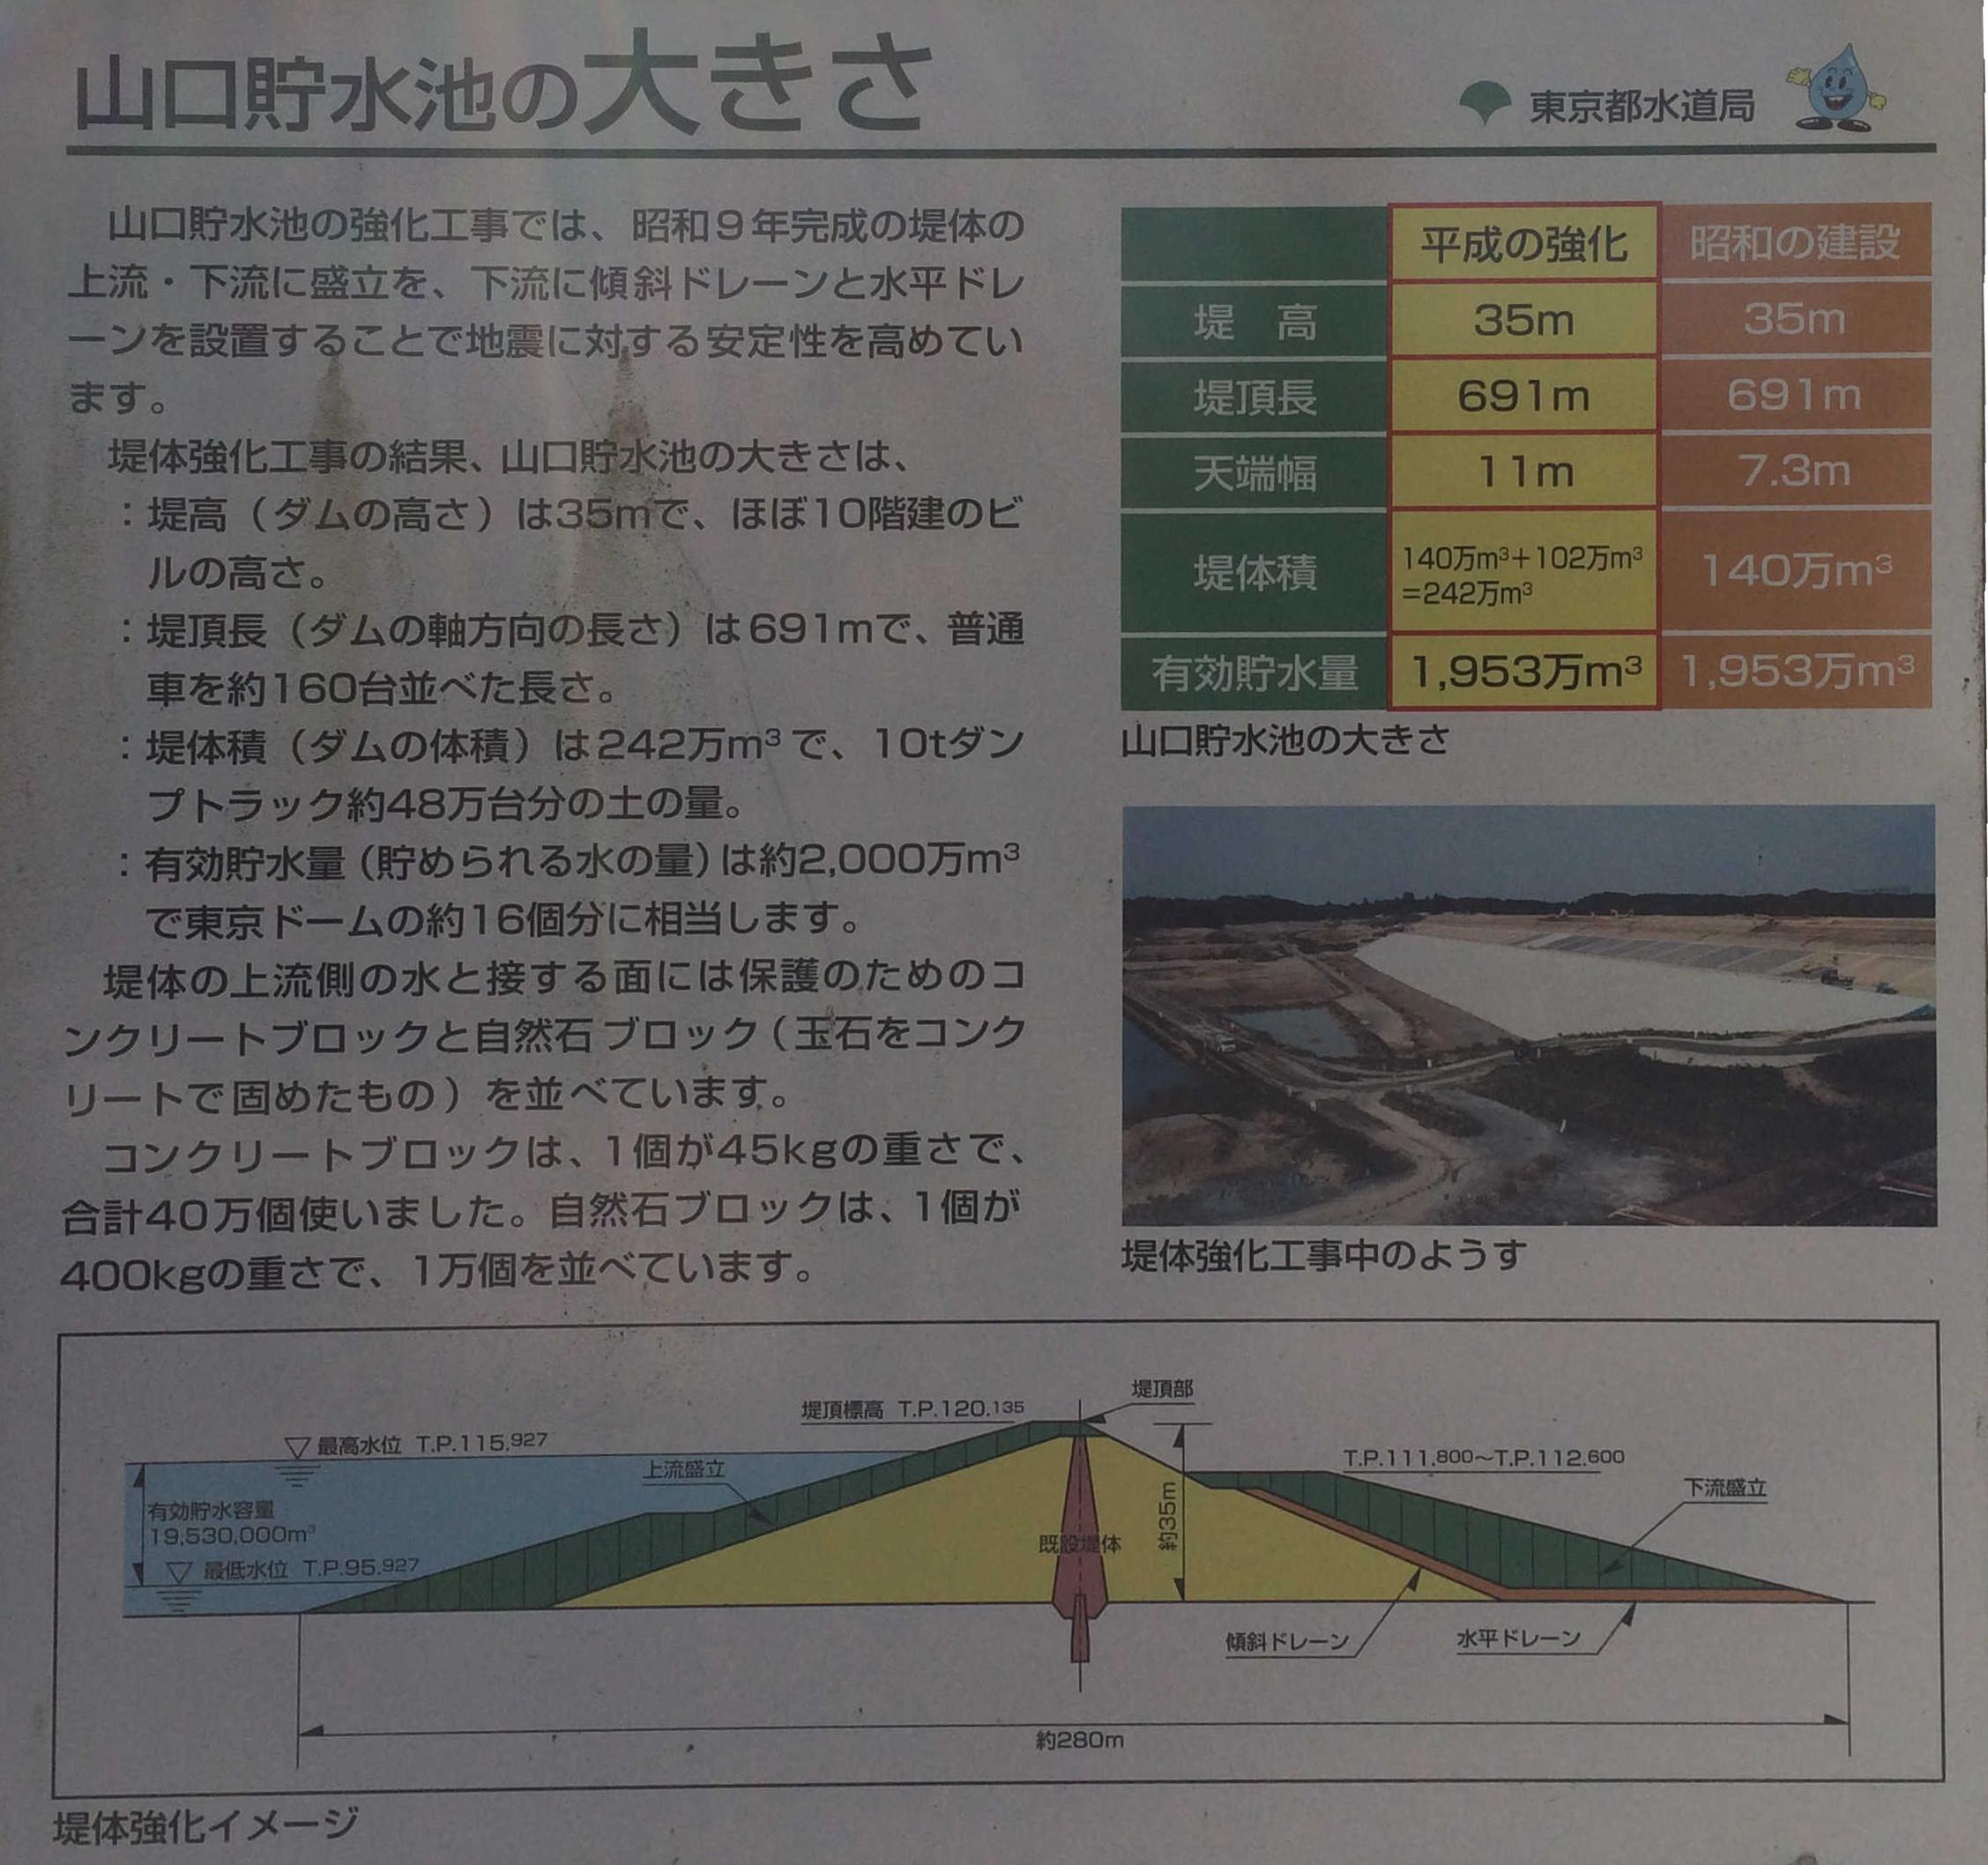 山口貯水池の大きさ